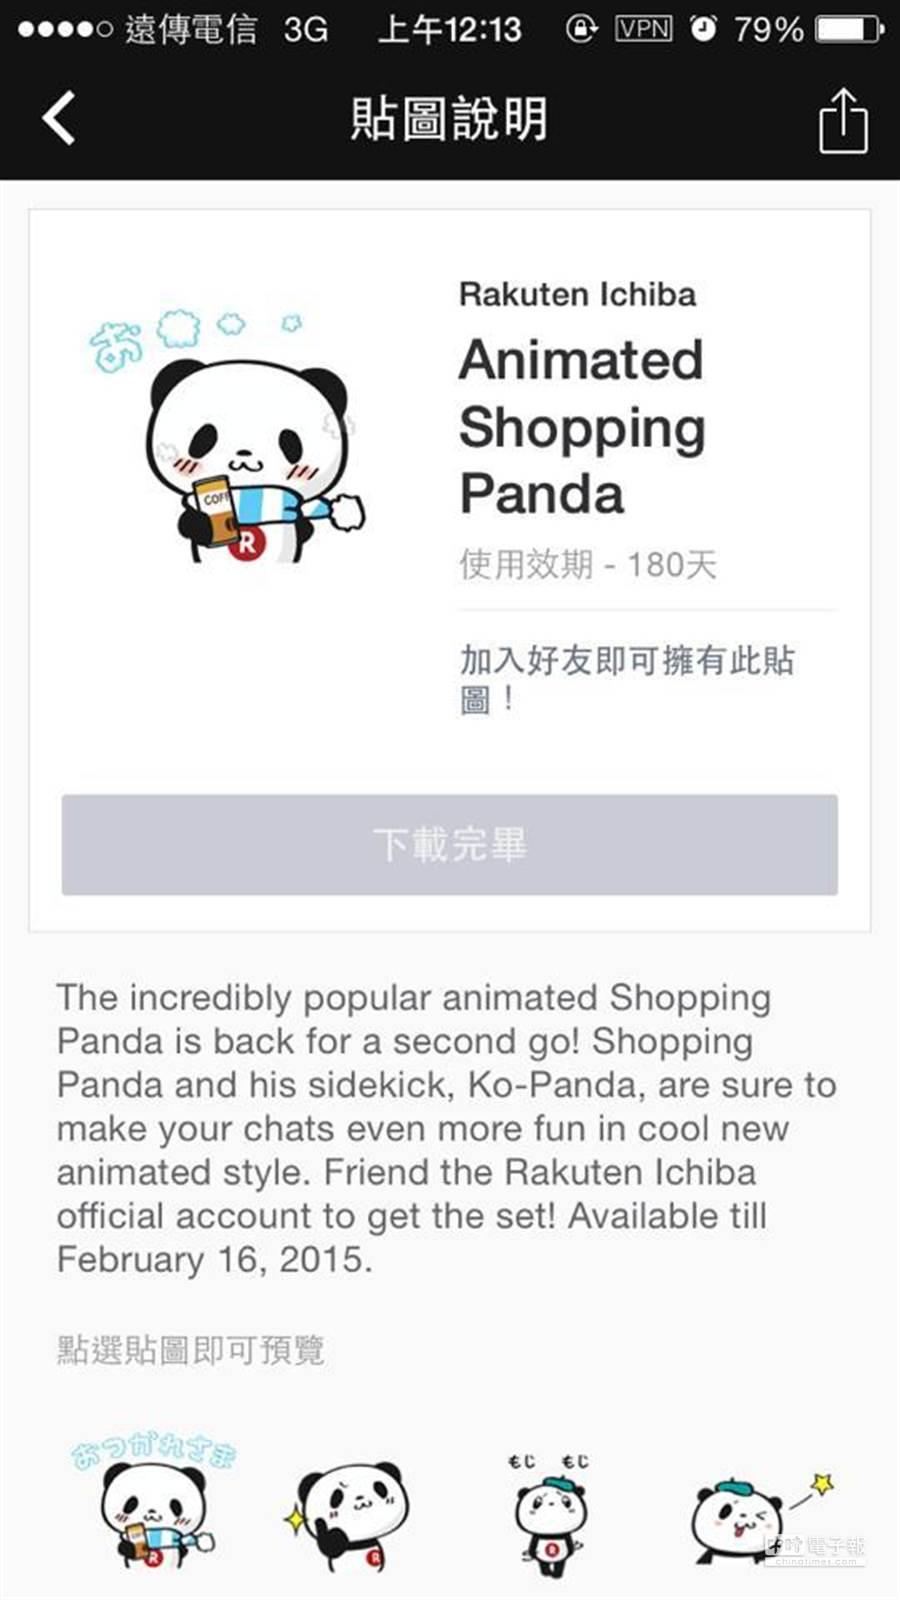 app01 提供